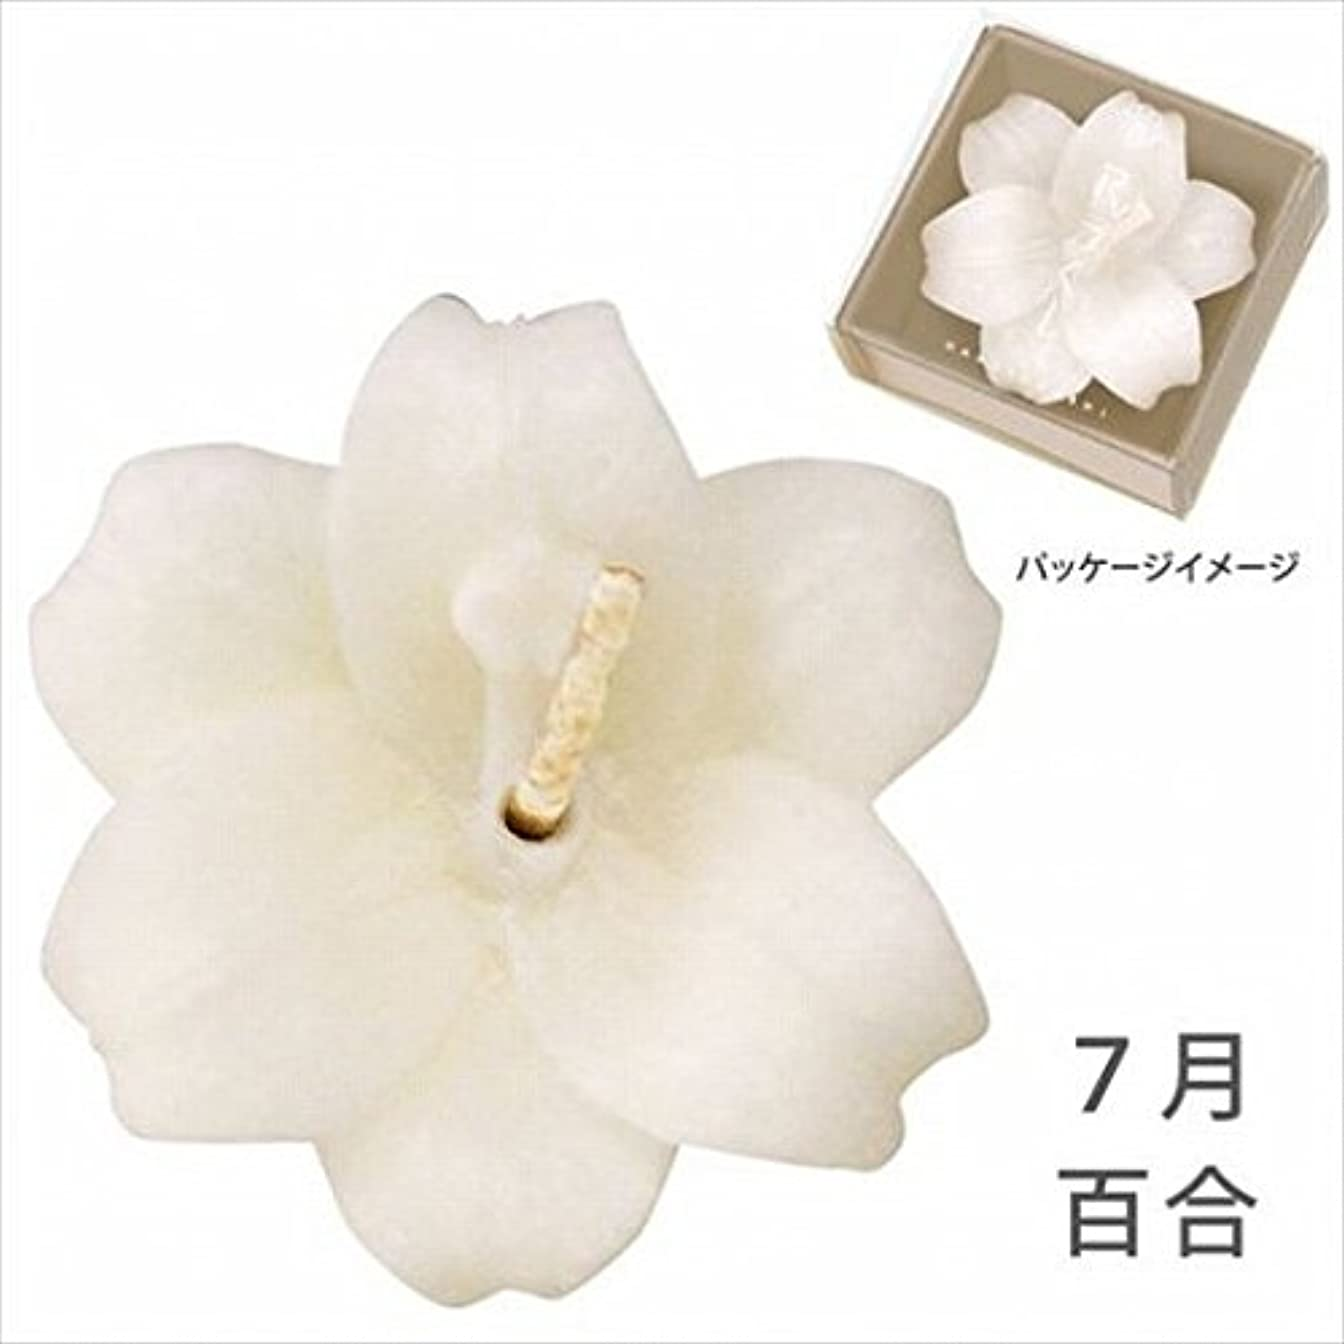 試してみるレクリエーション覆すkameyama candle(カメヤマキャンドル) 花づくし(植物性) 百合 「 百合(7月) 」 キャンドル(A4620580)